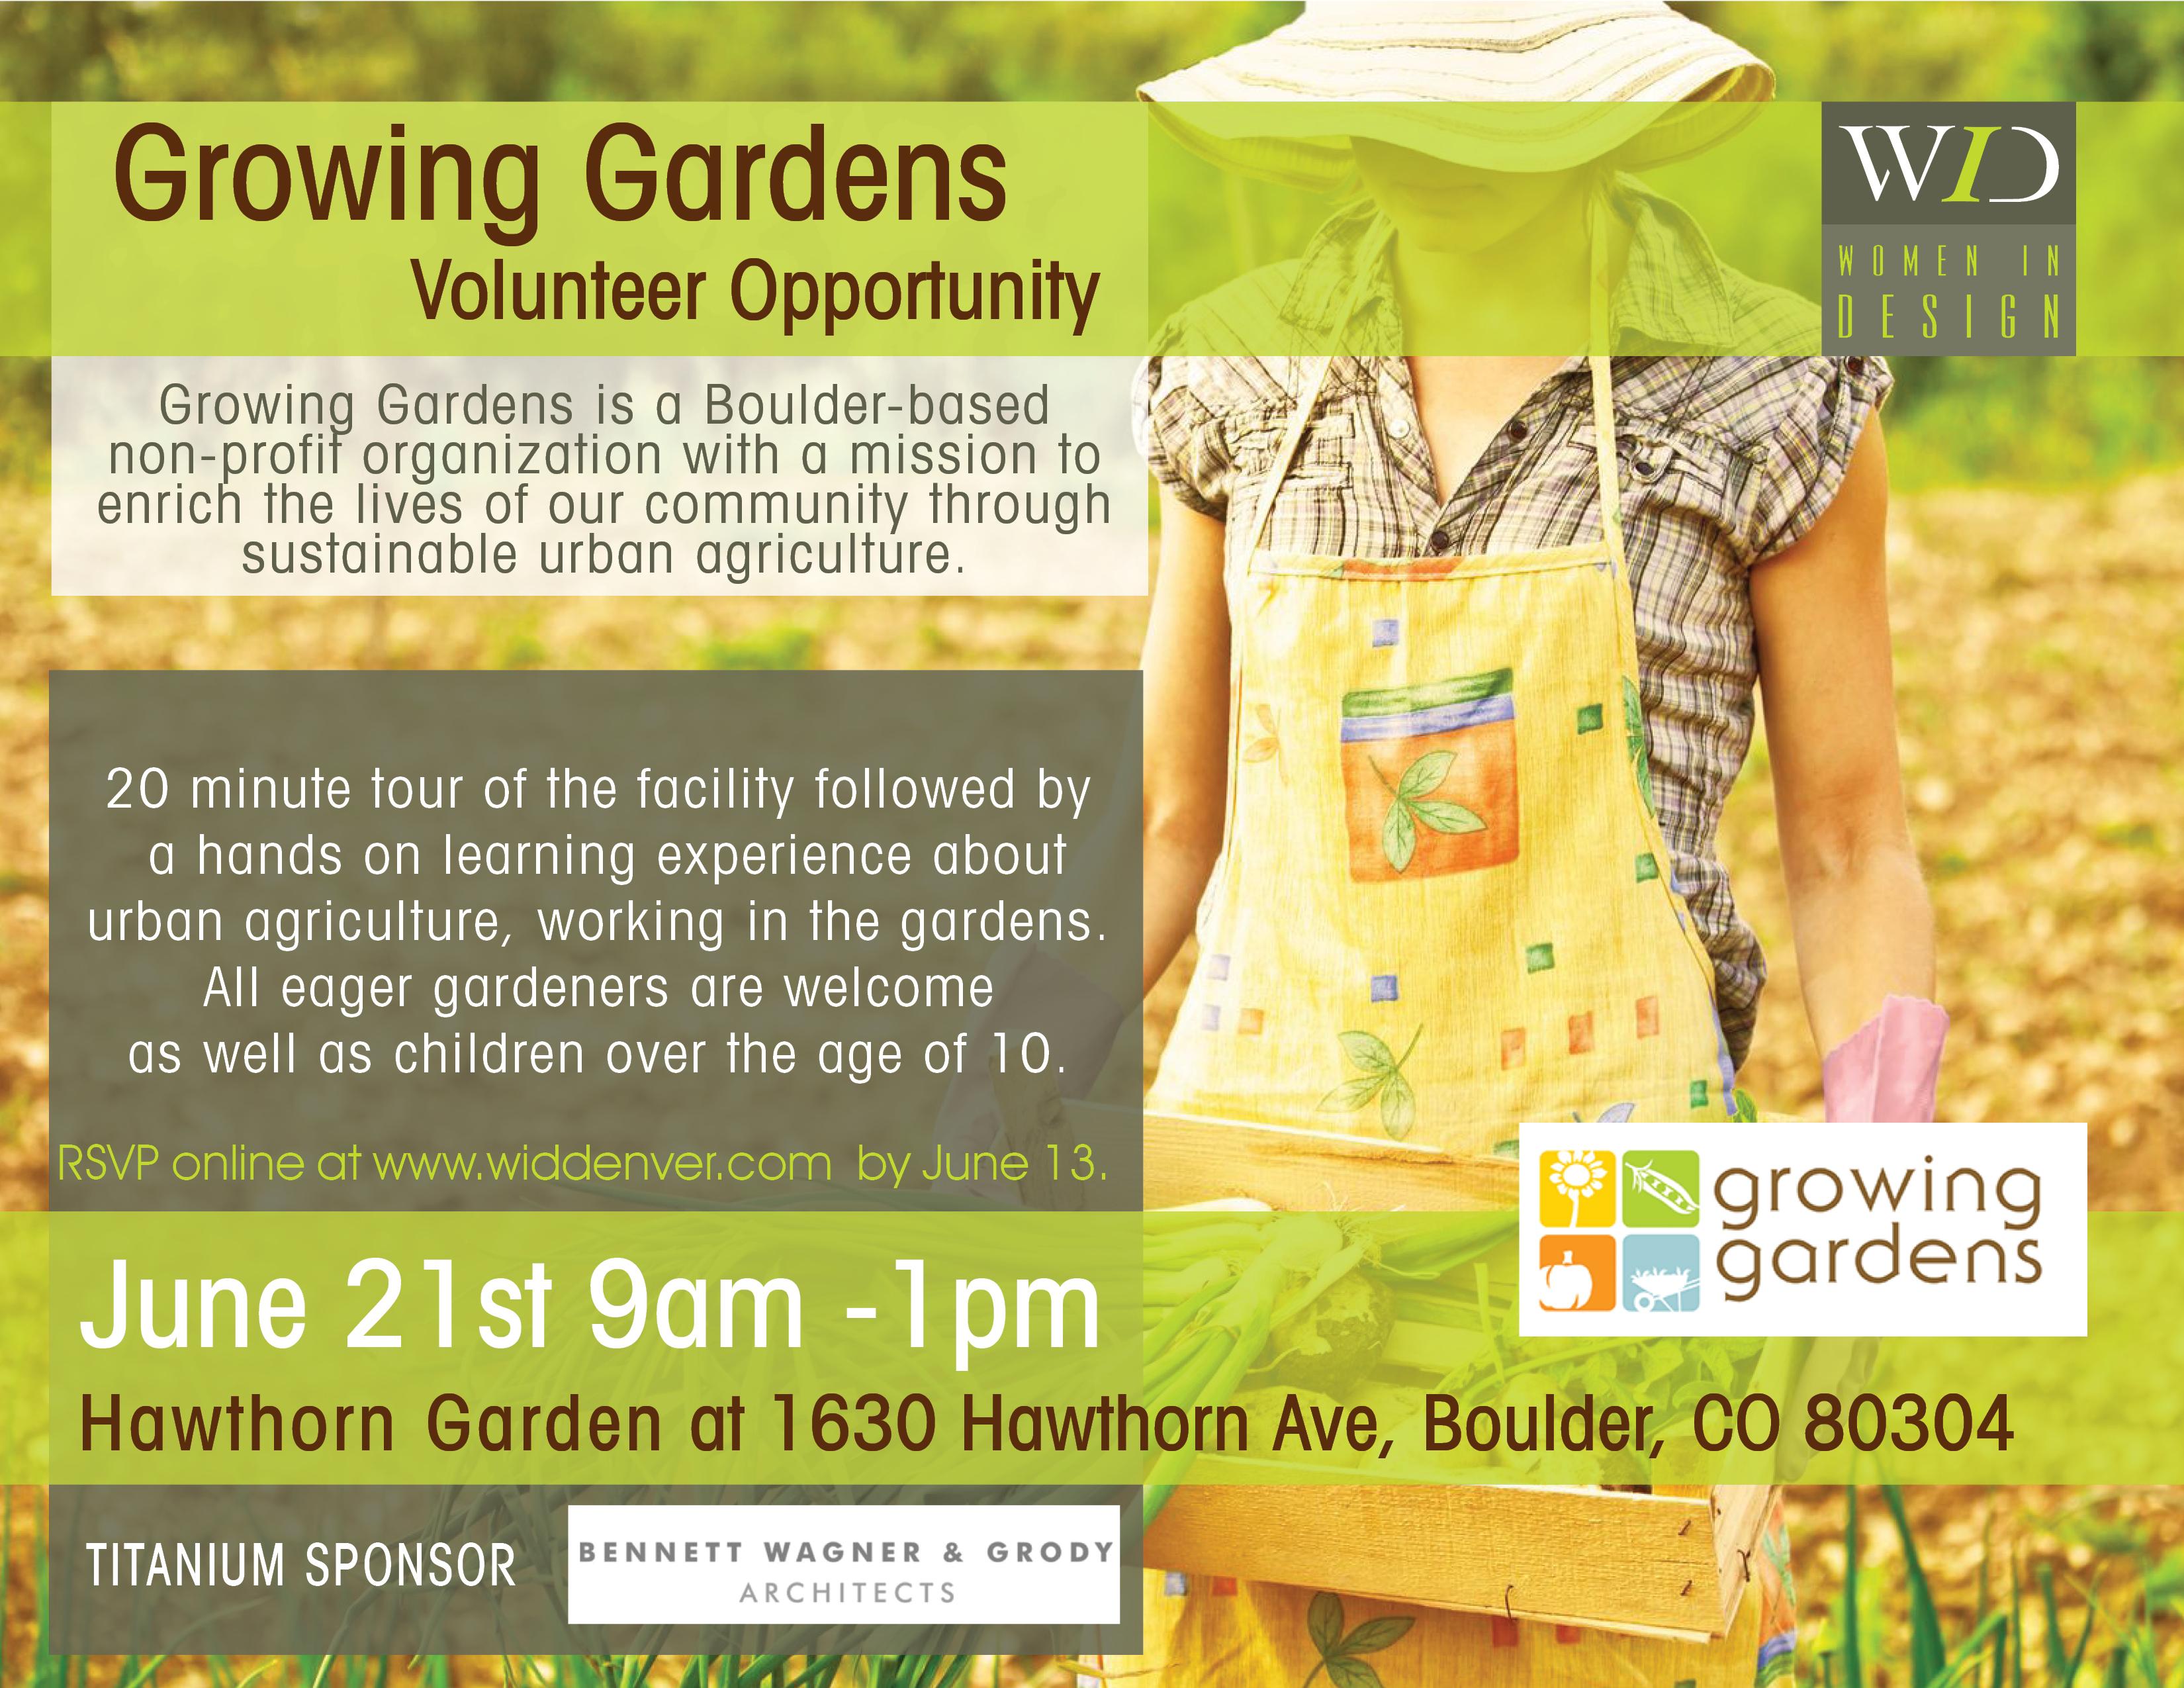 women in design growing gardens volunteer event growing gardens flyer final new font